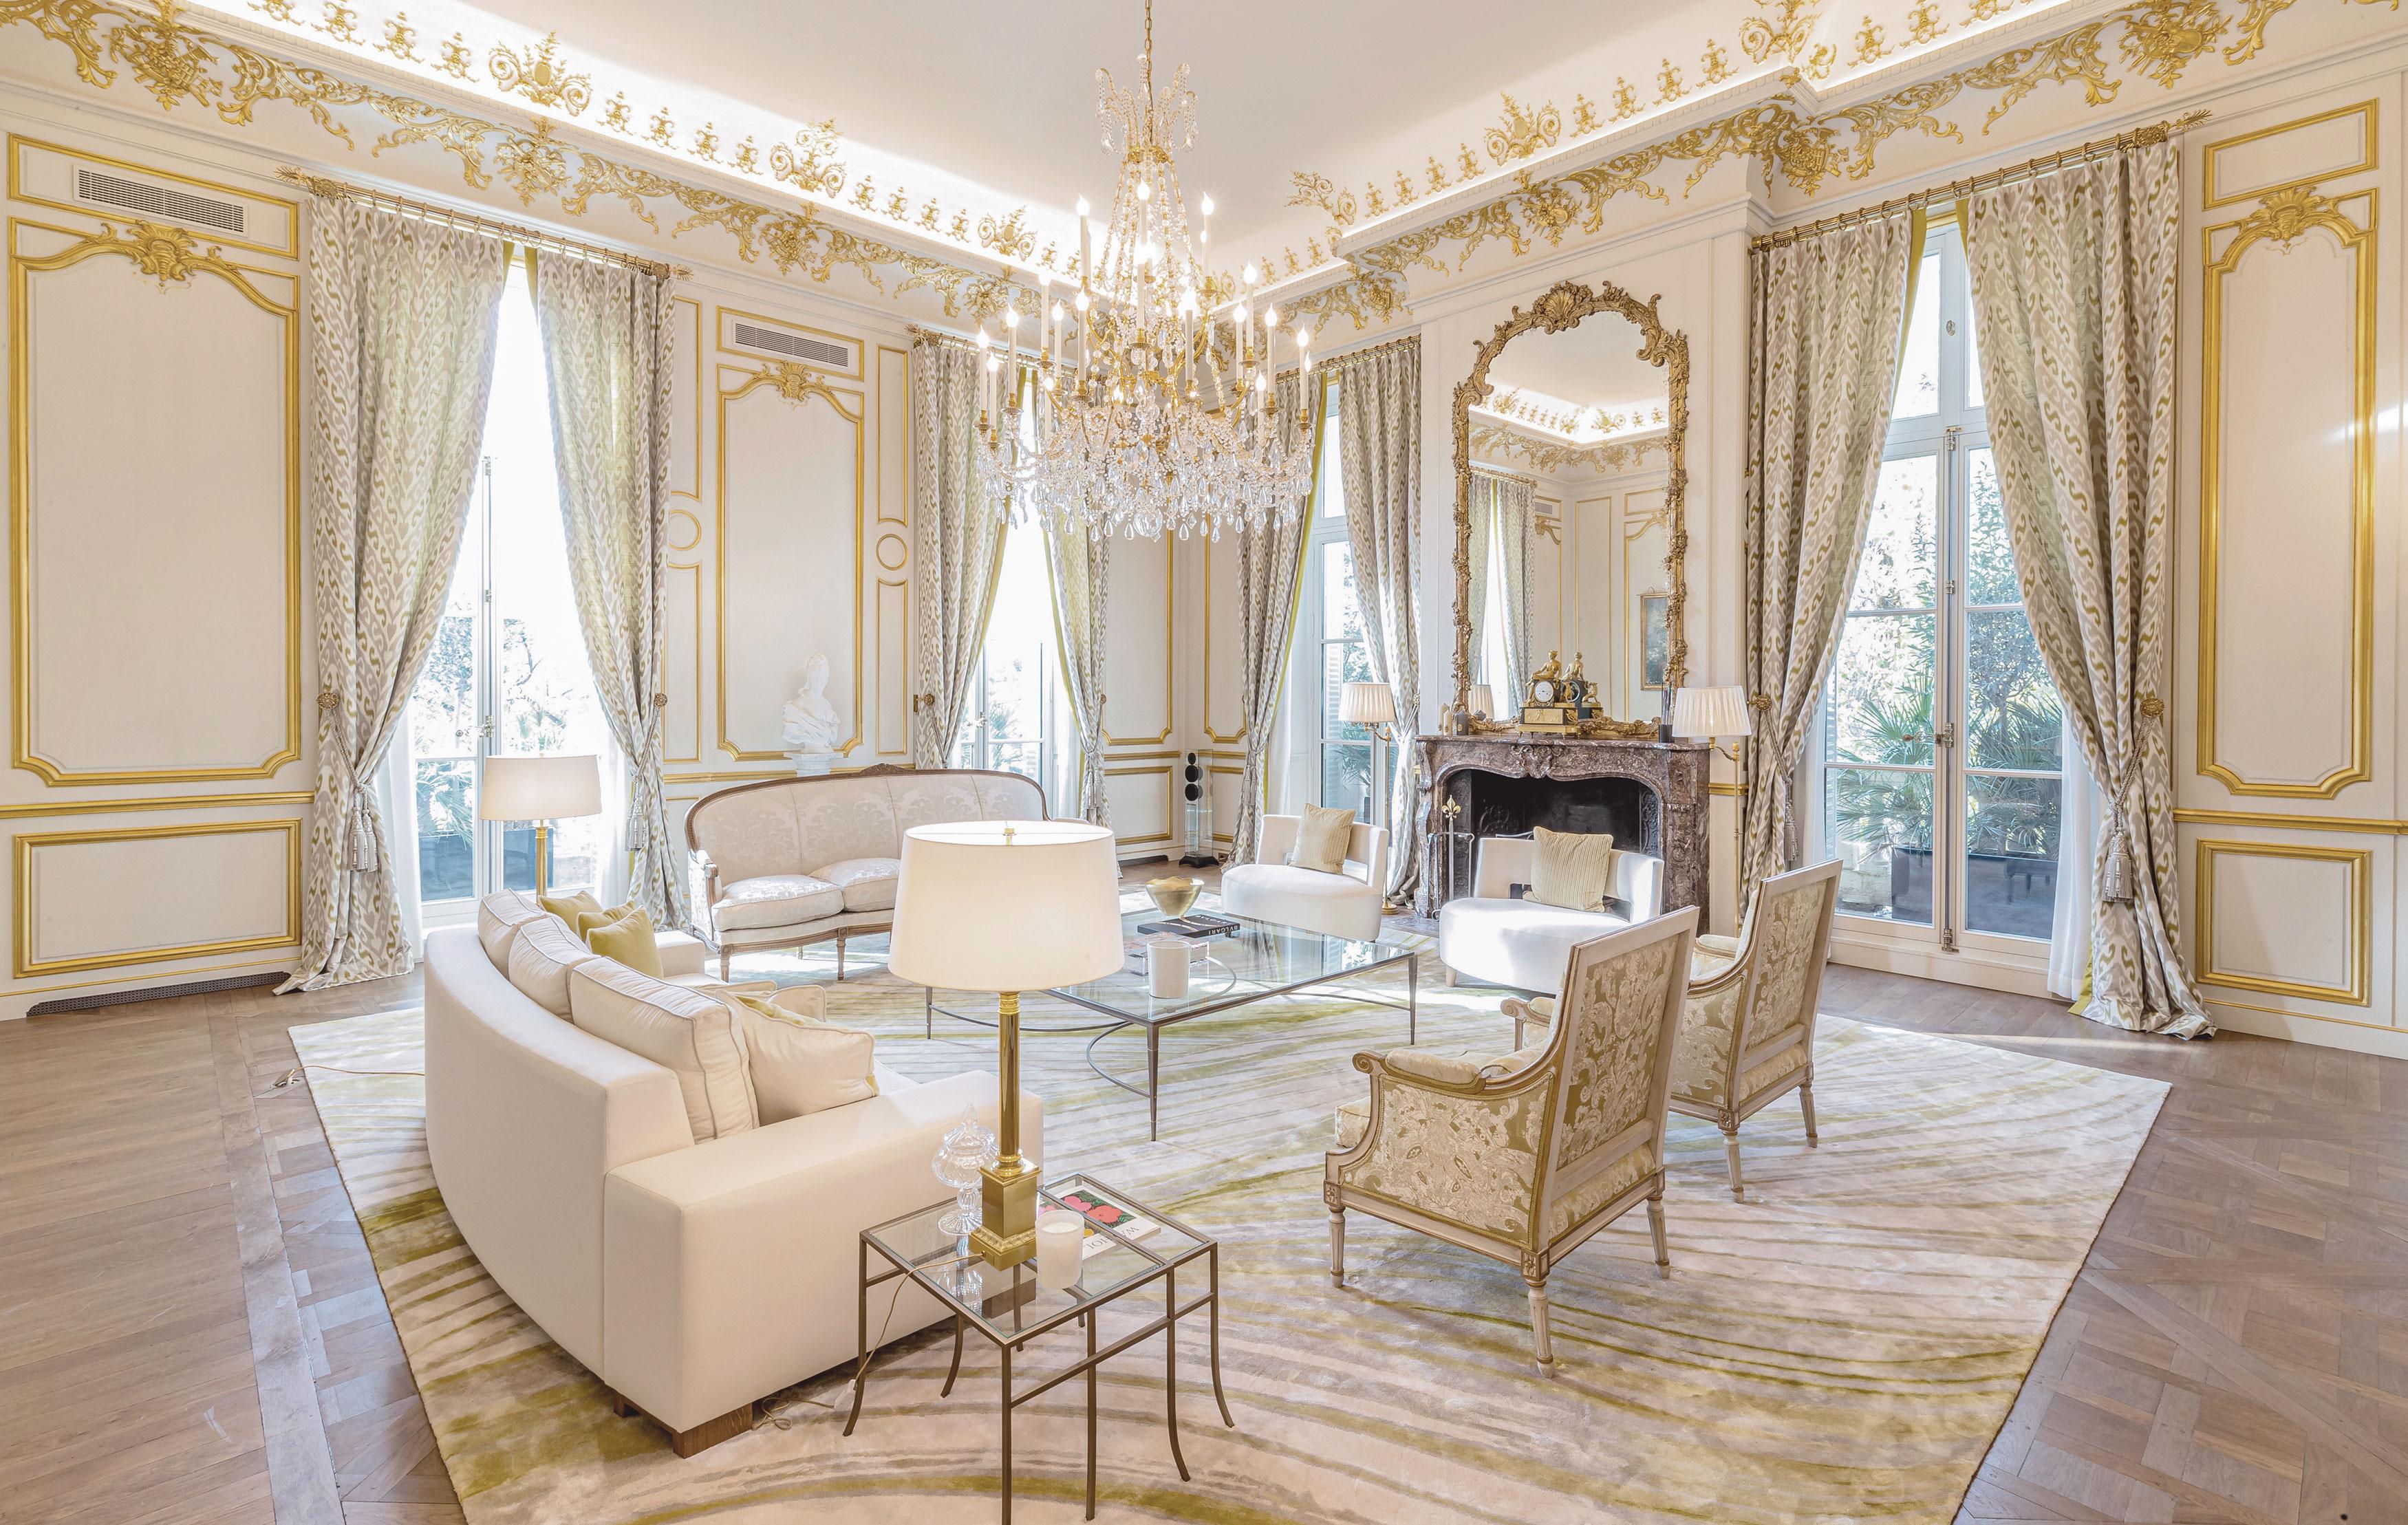 Living area in a luxurious apartment duplex in Paris